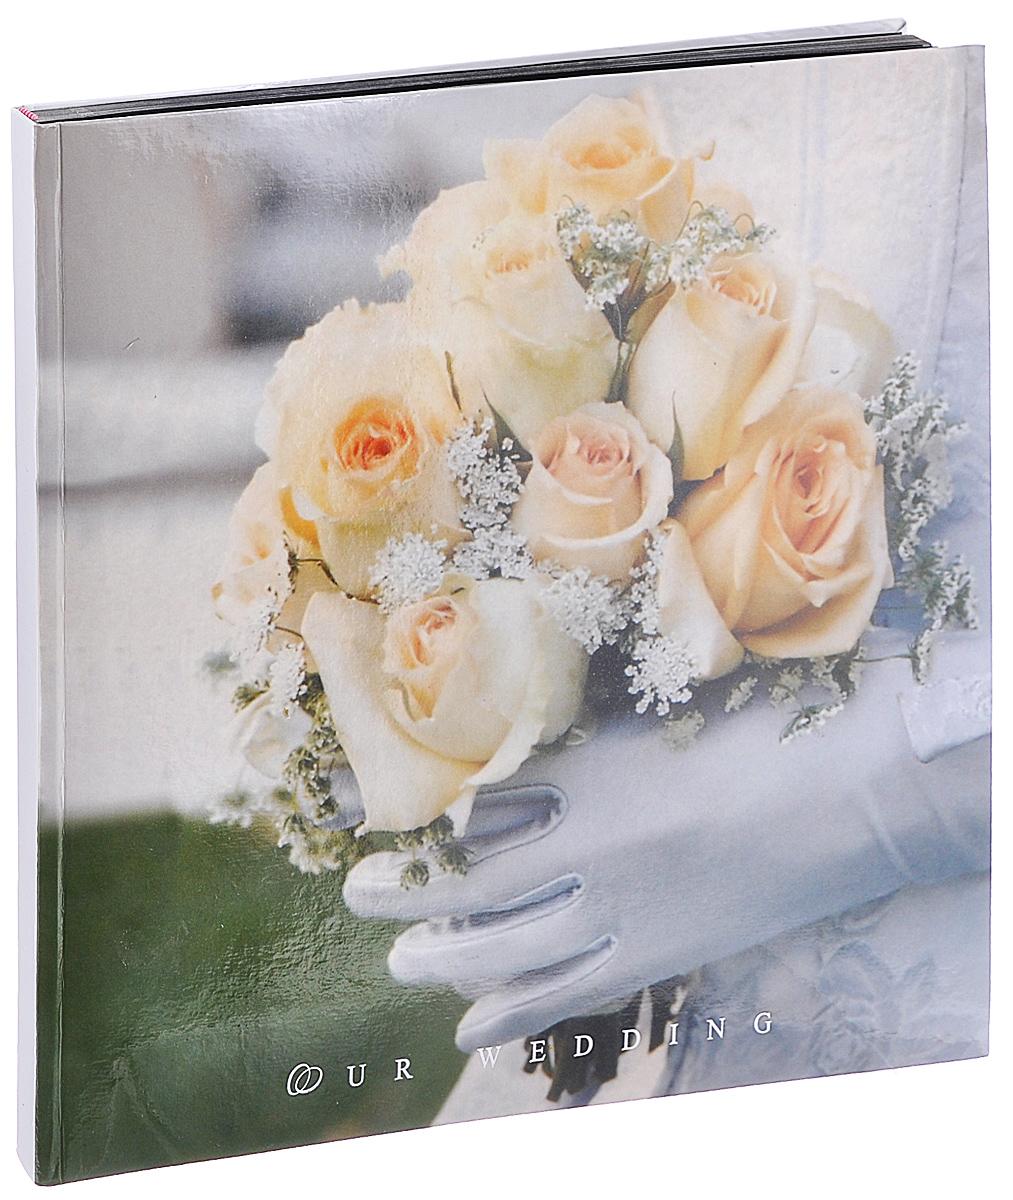 Фотоальбом Pioneer Wedding Love, 10 магнитных листов, 29 см х 32 см фотоальбом platinum классика 240 фотографий 10 x 15 см